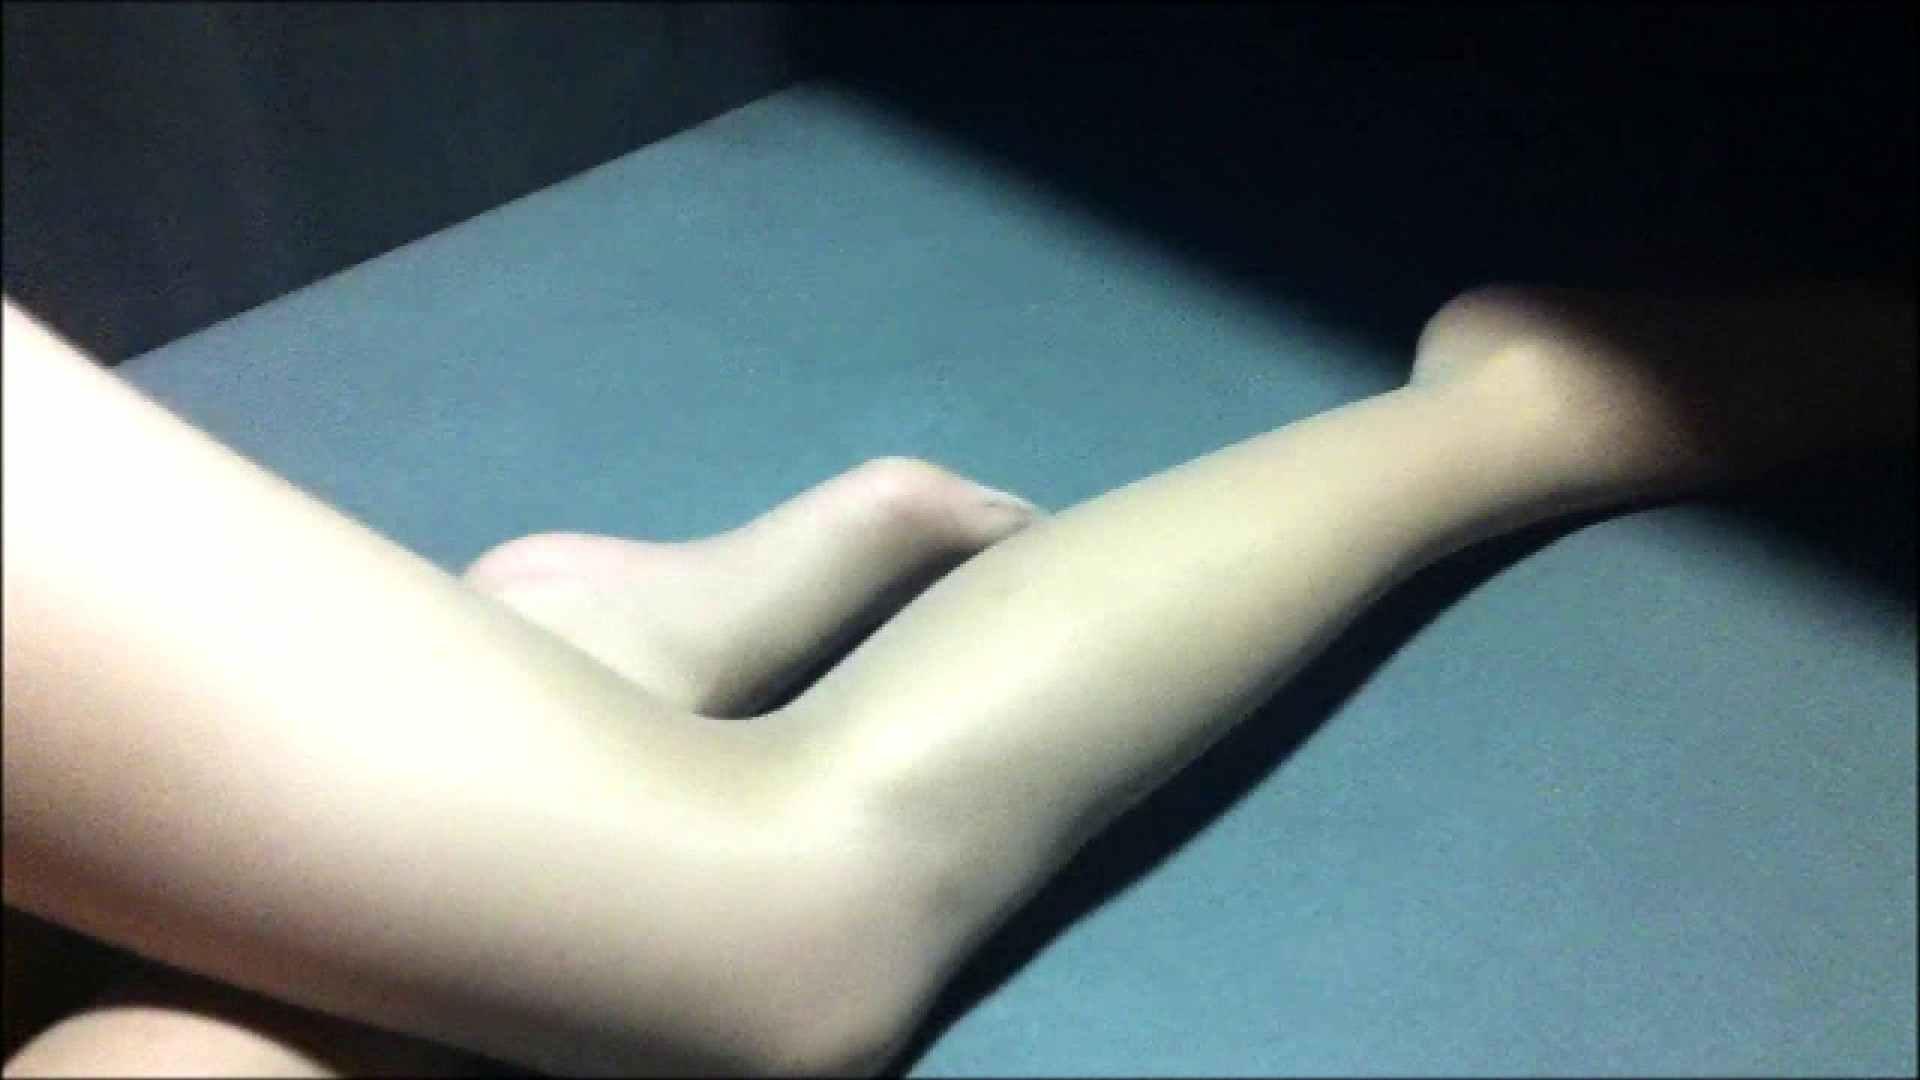 魔術師の お・も・て・な・し vol.04 美脚の店員さん 独身エッチOL   0  110pic 30